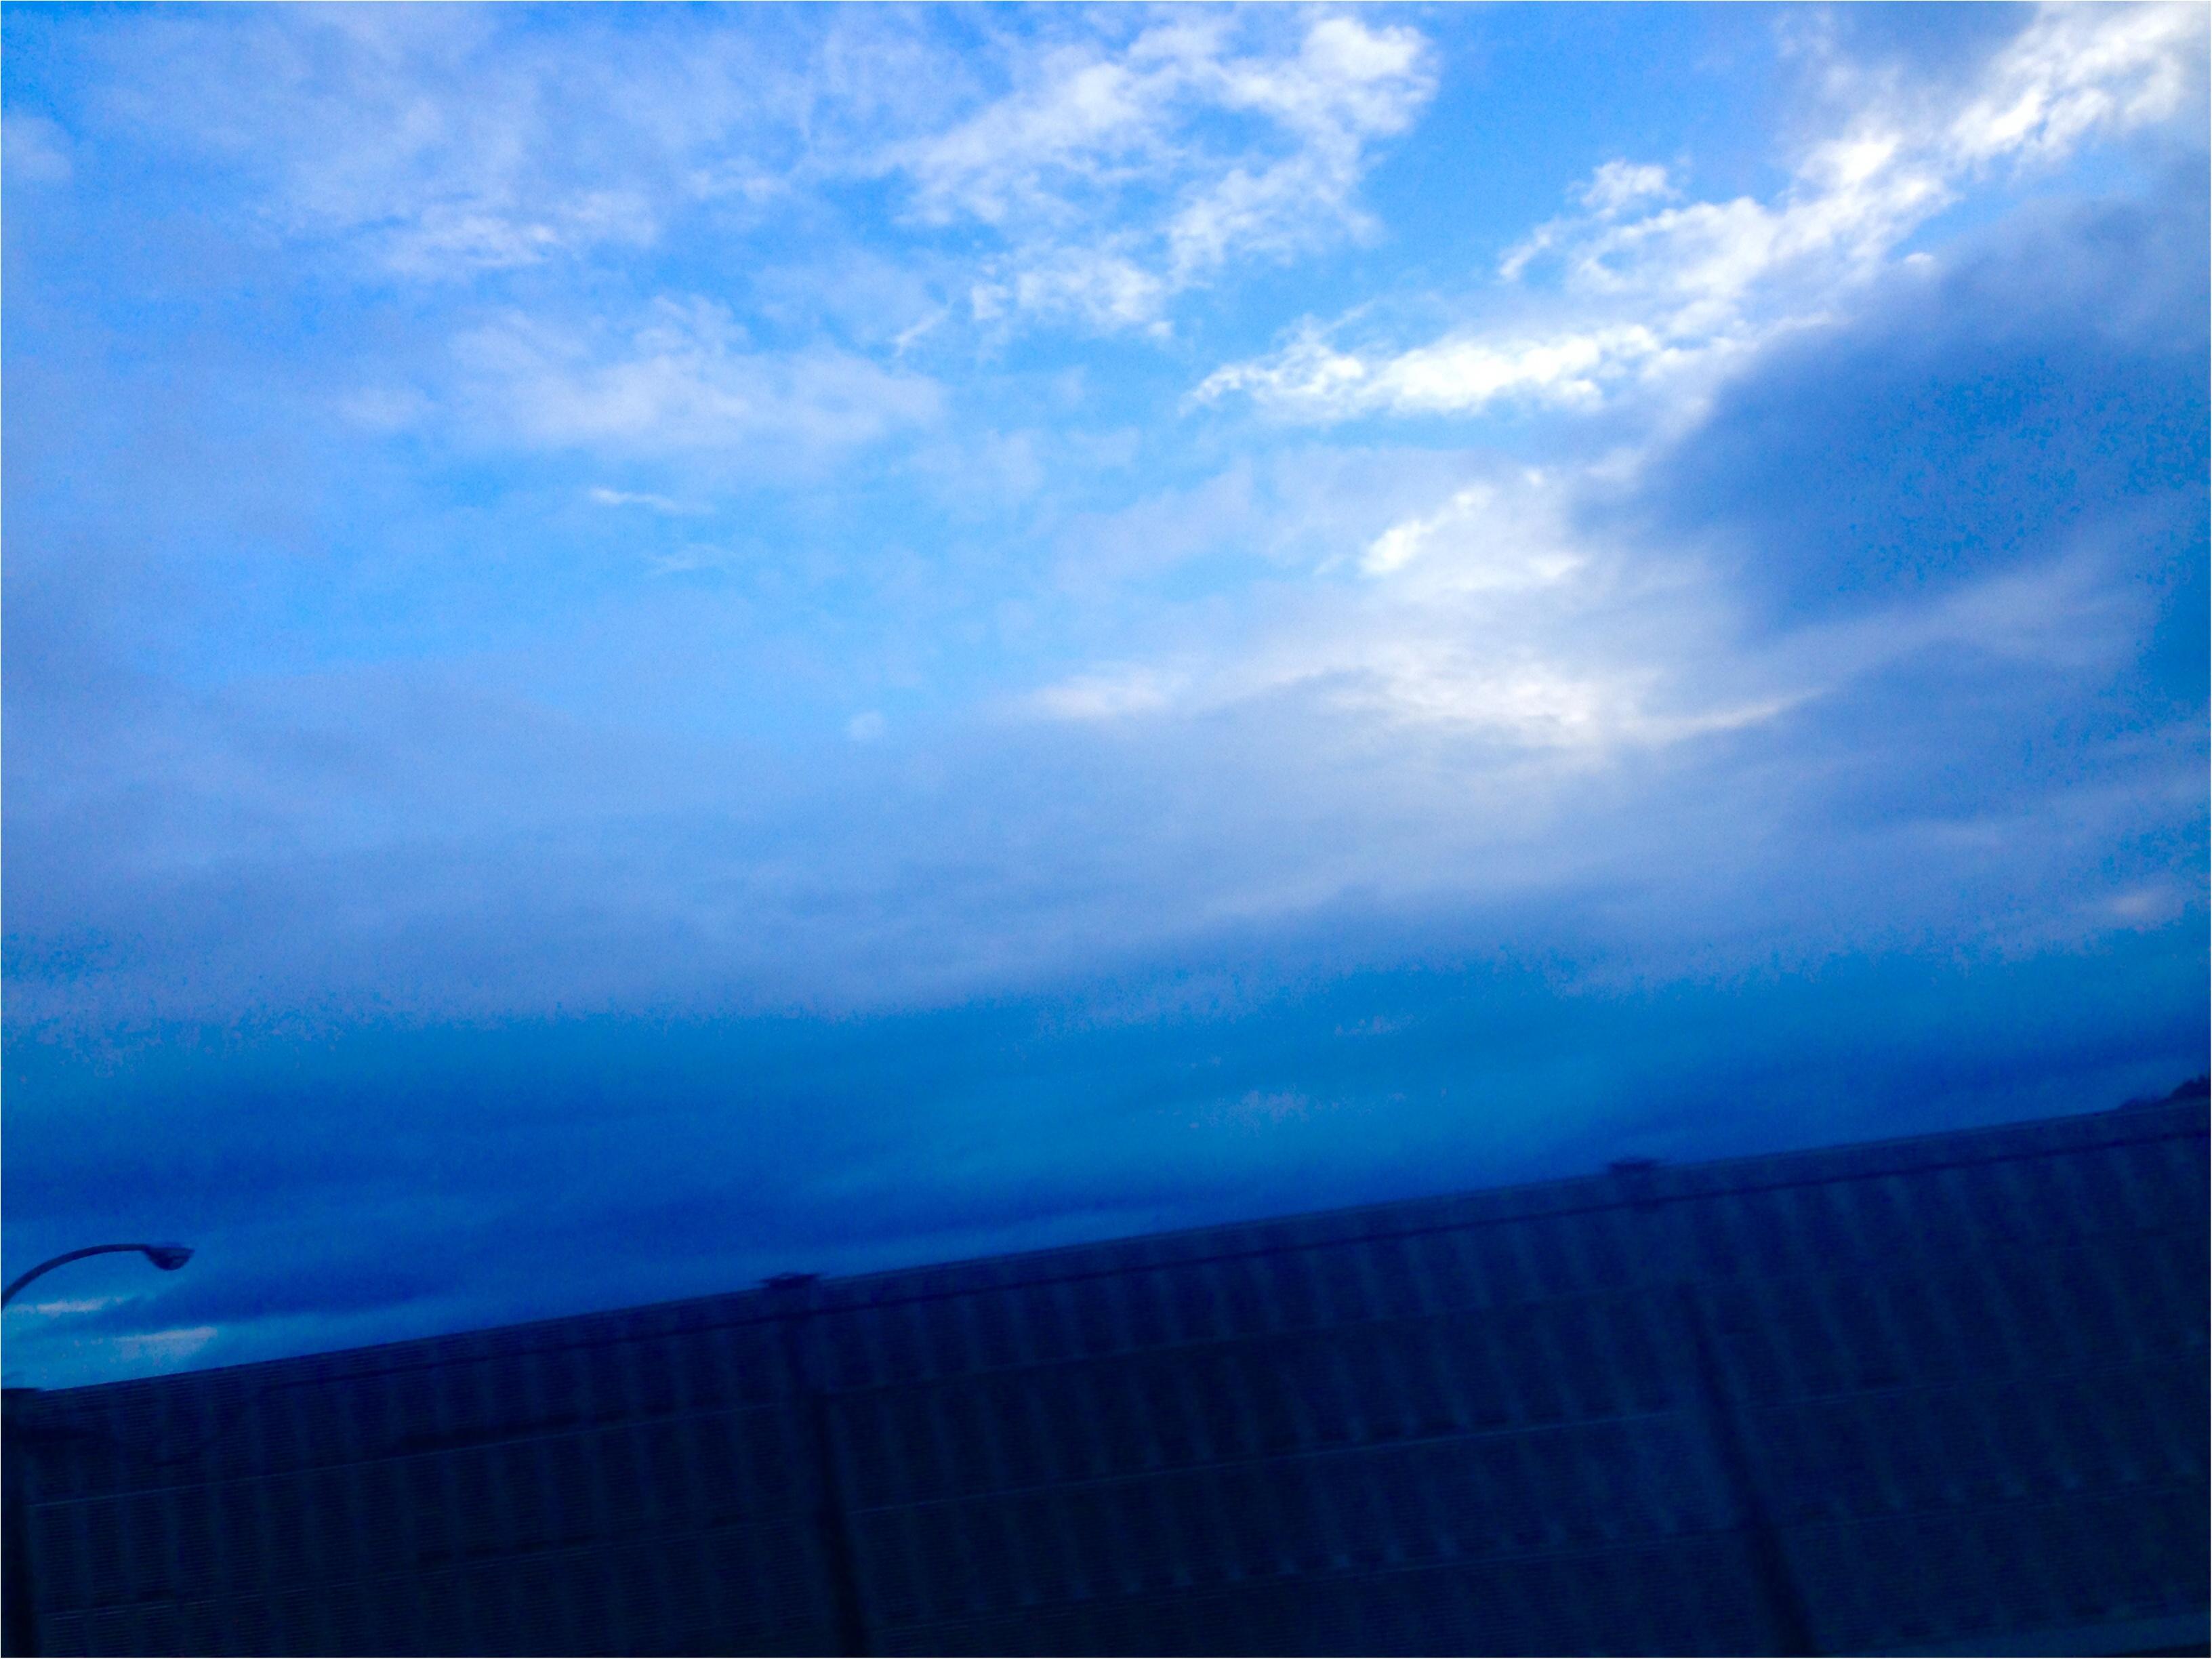 夏の思い出に【バスツアー】8990円で❤️〜海釣り&浜焼き、御殿場アウトレットへ〜_18